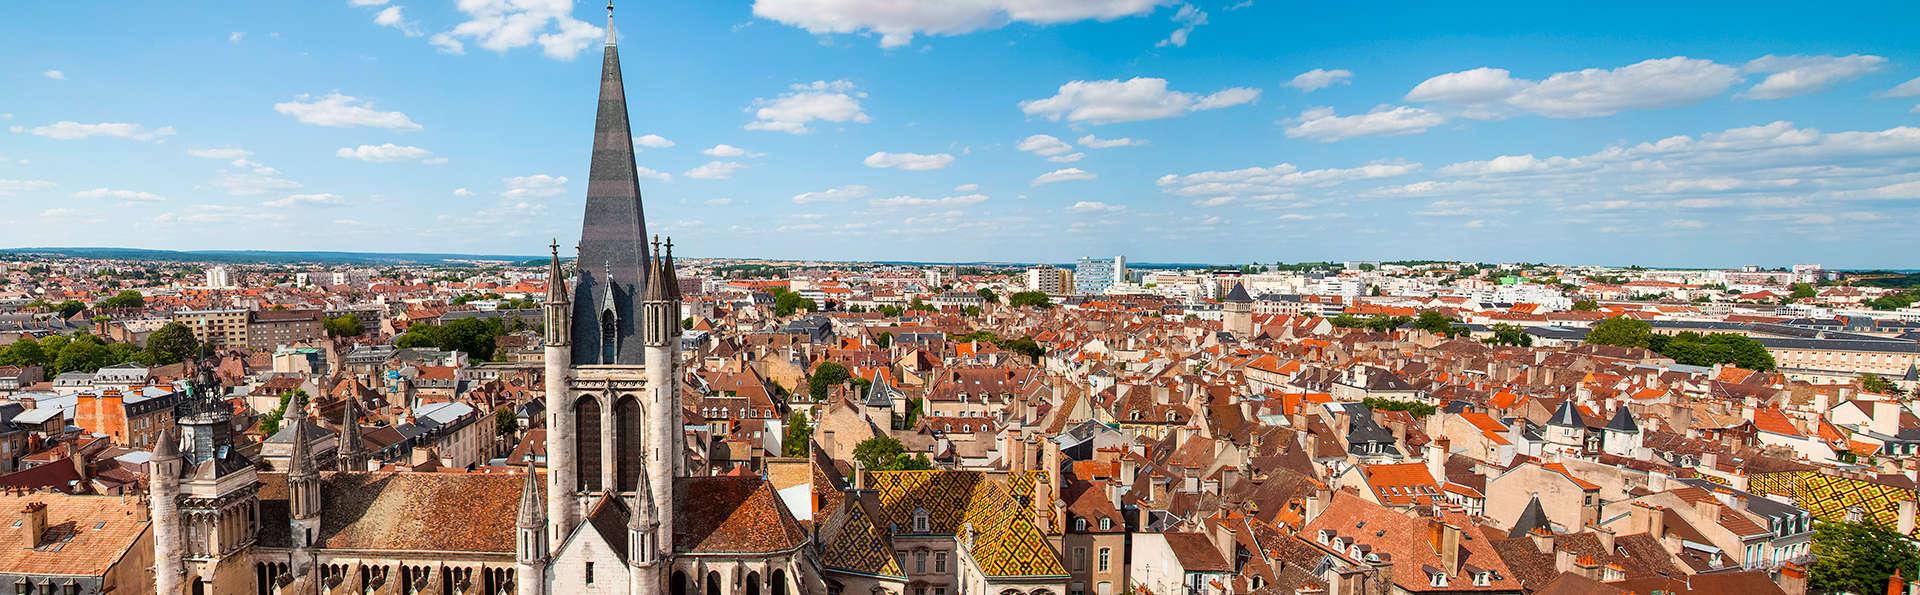 Week-end en à proximité de Dijon